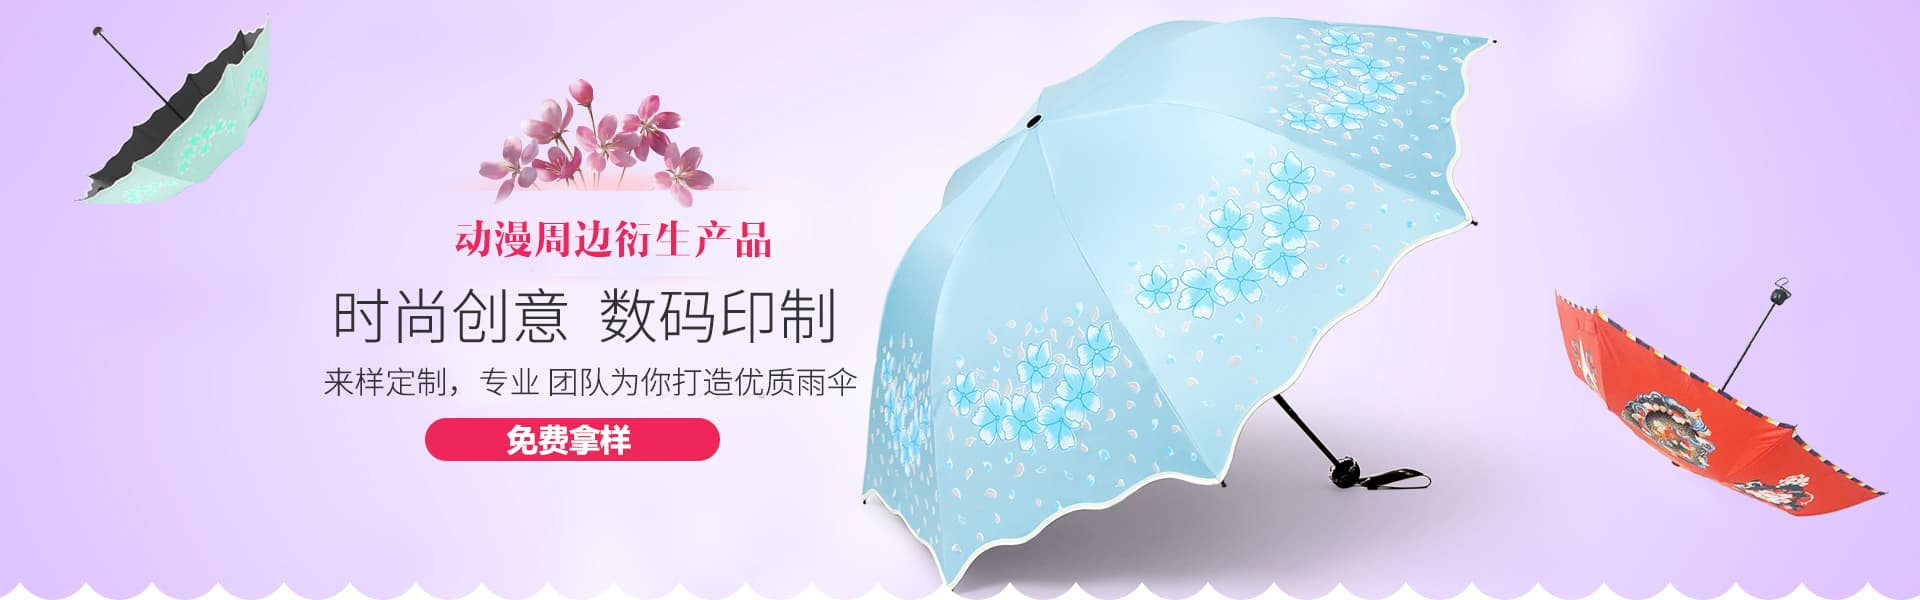 全自动雨伞定制